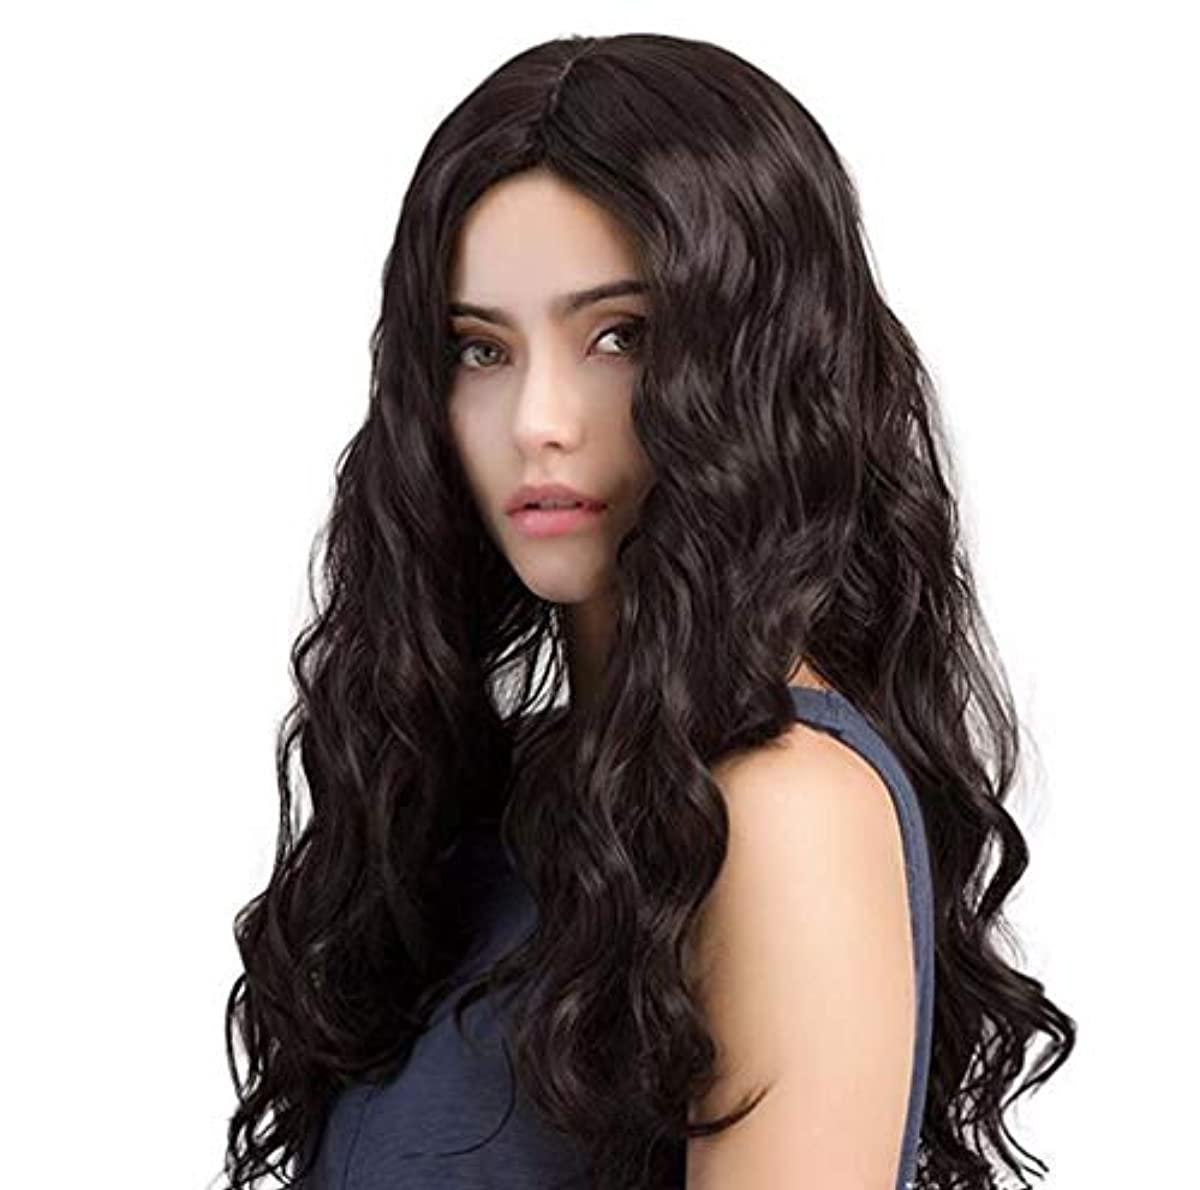 バッチウェイトレスキャラクター女性ウィッグ人毛合成ロングウェーブウィッグ合成耐熱性安いミドルパートウィッグブラック150%高密度